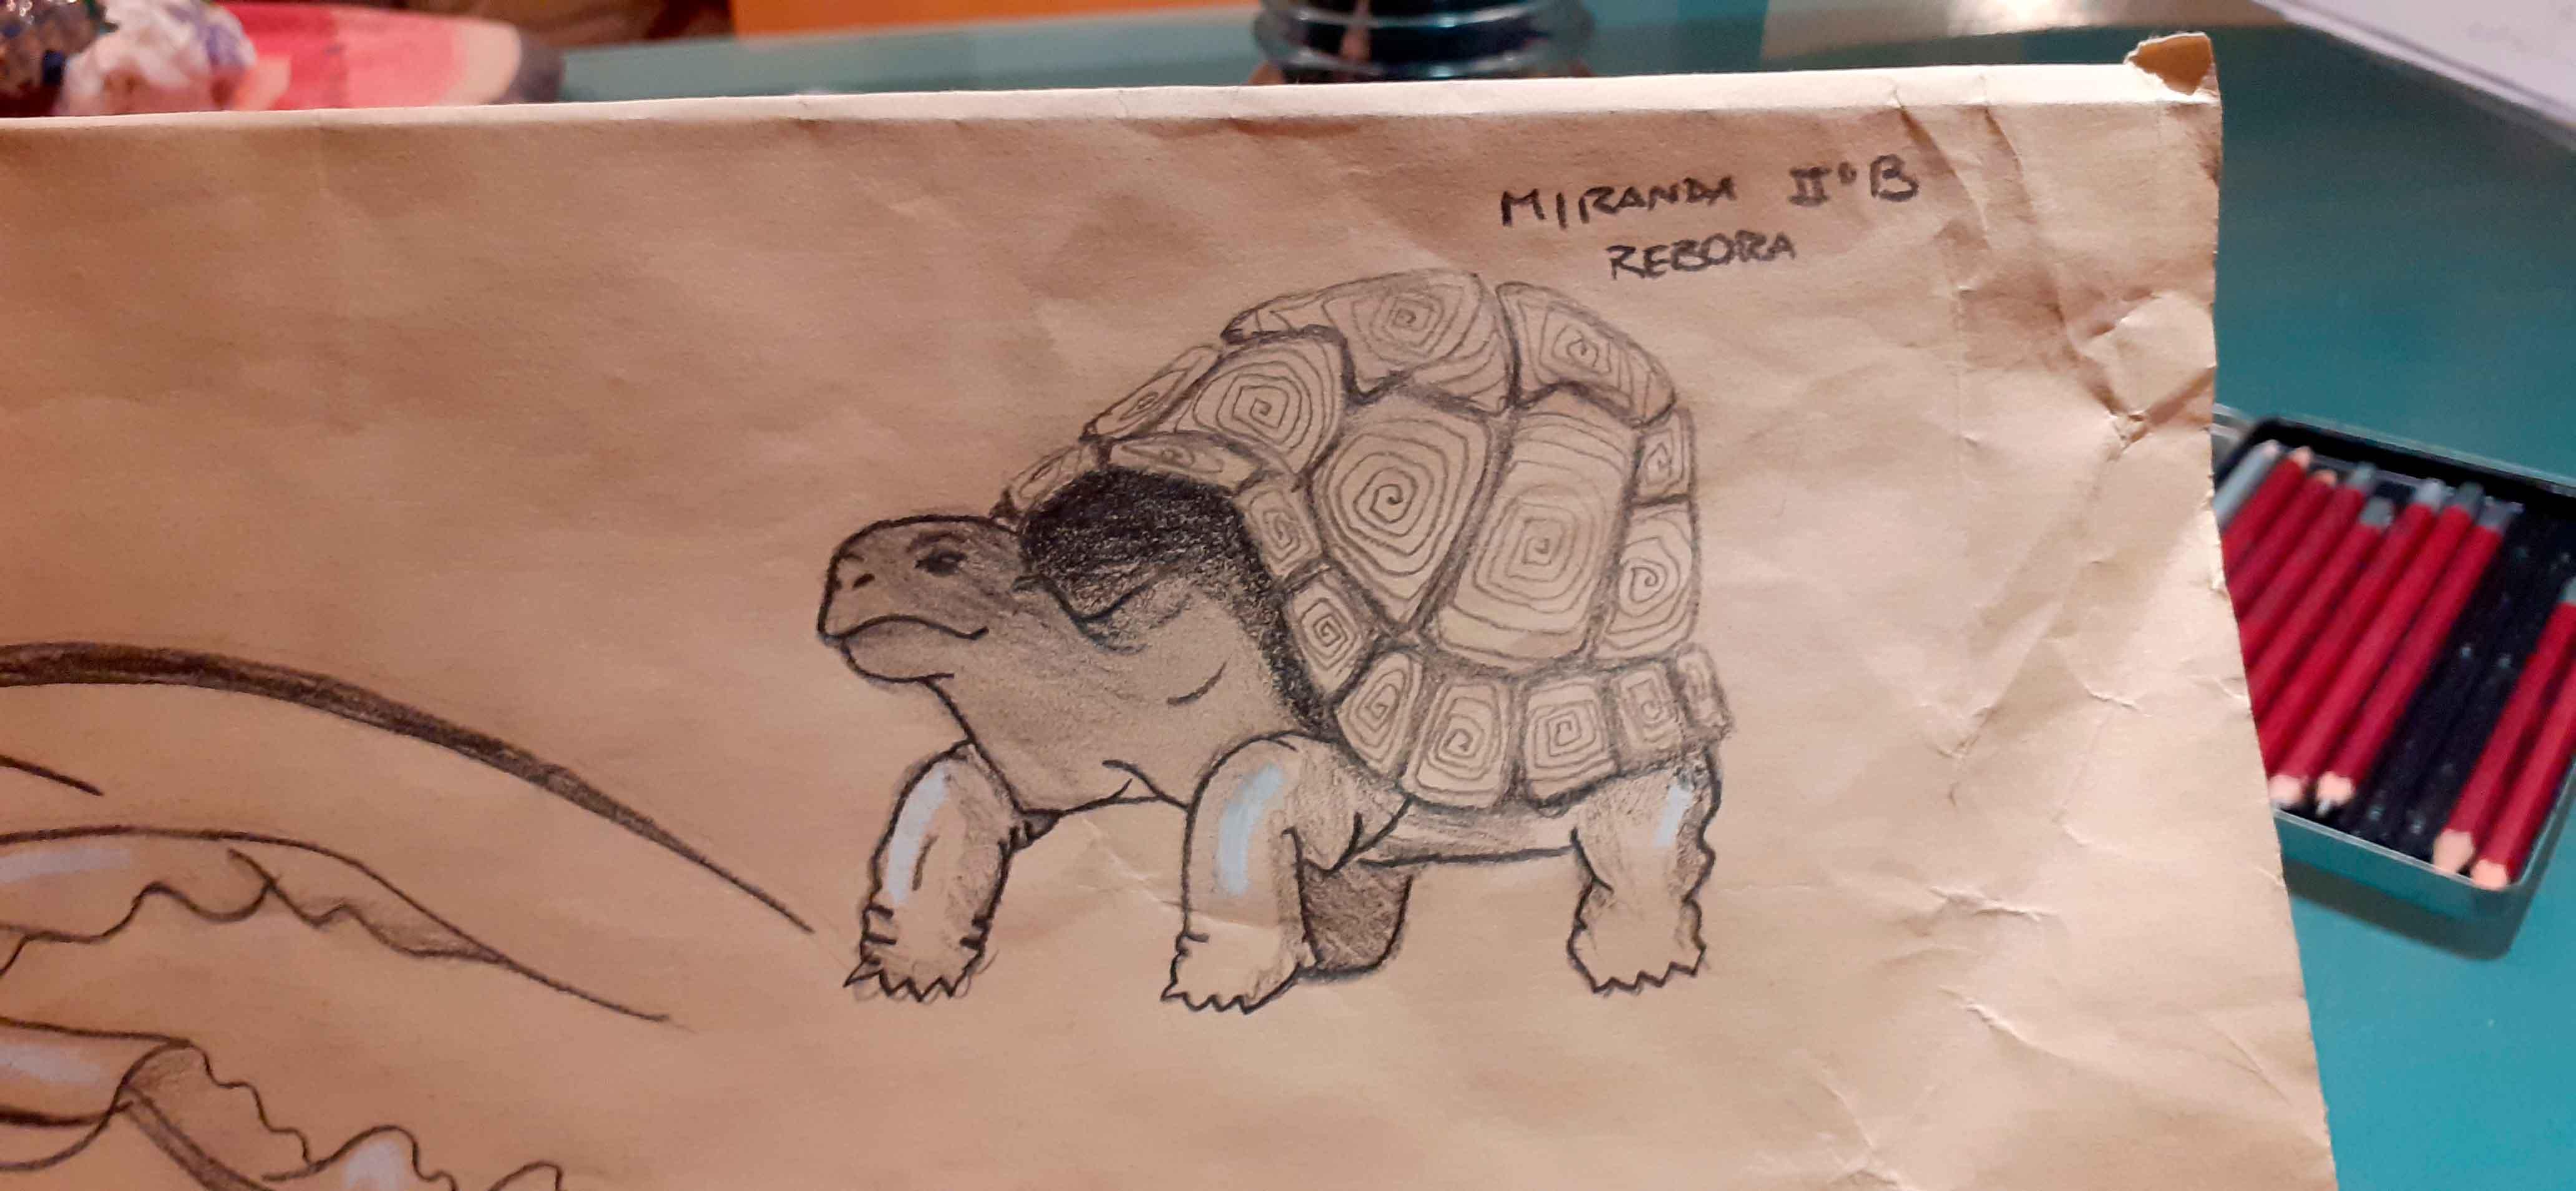 rebora_disegno6